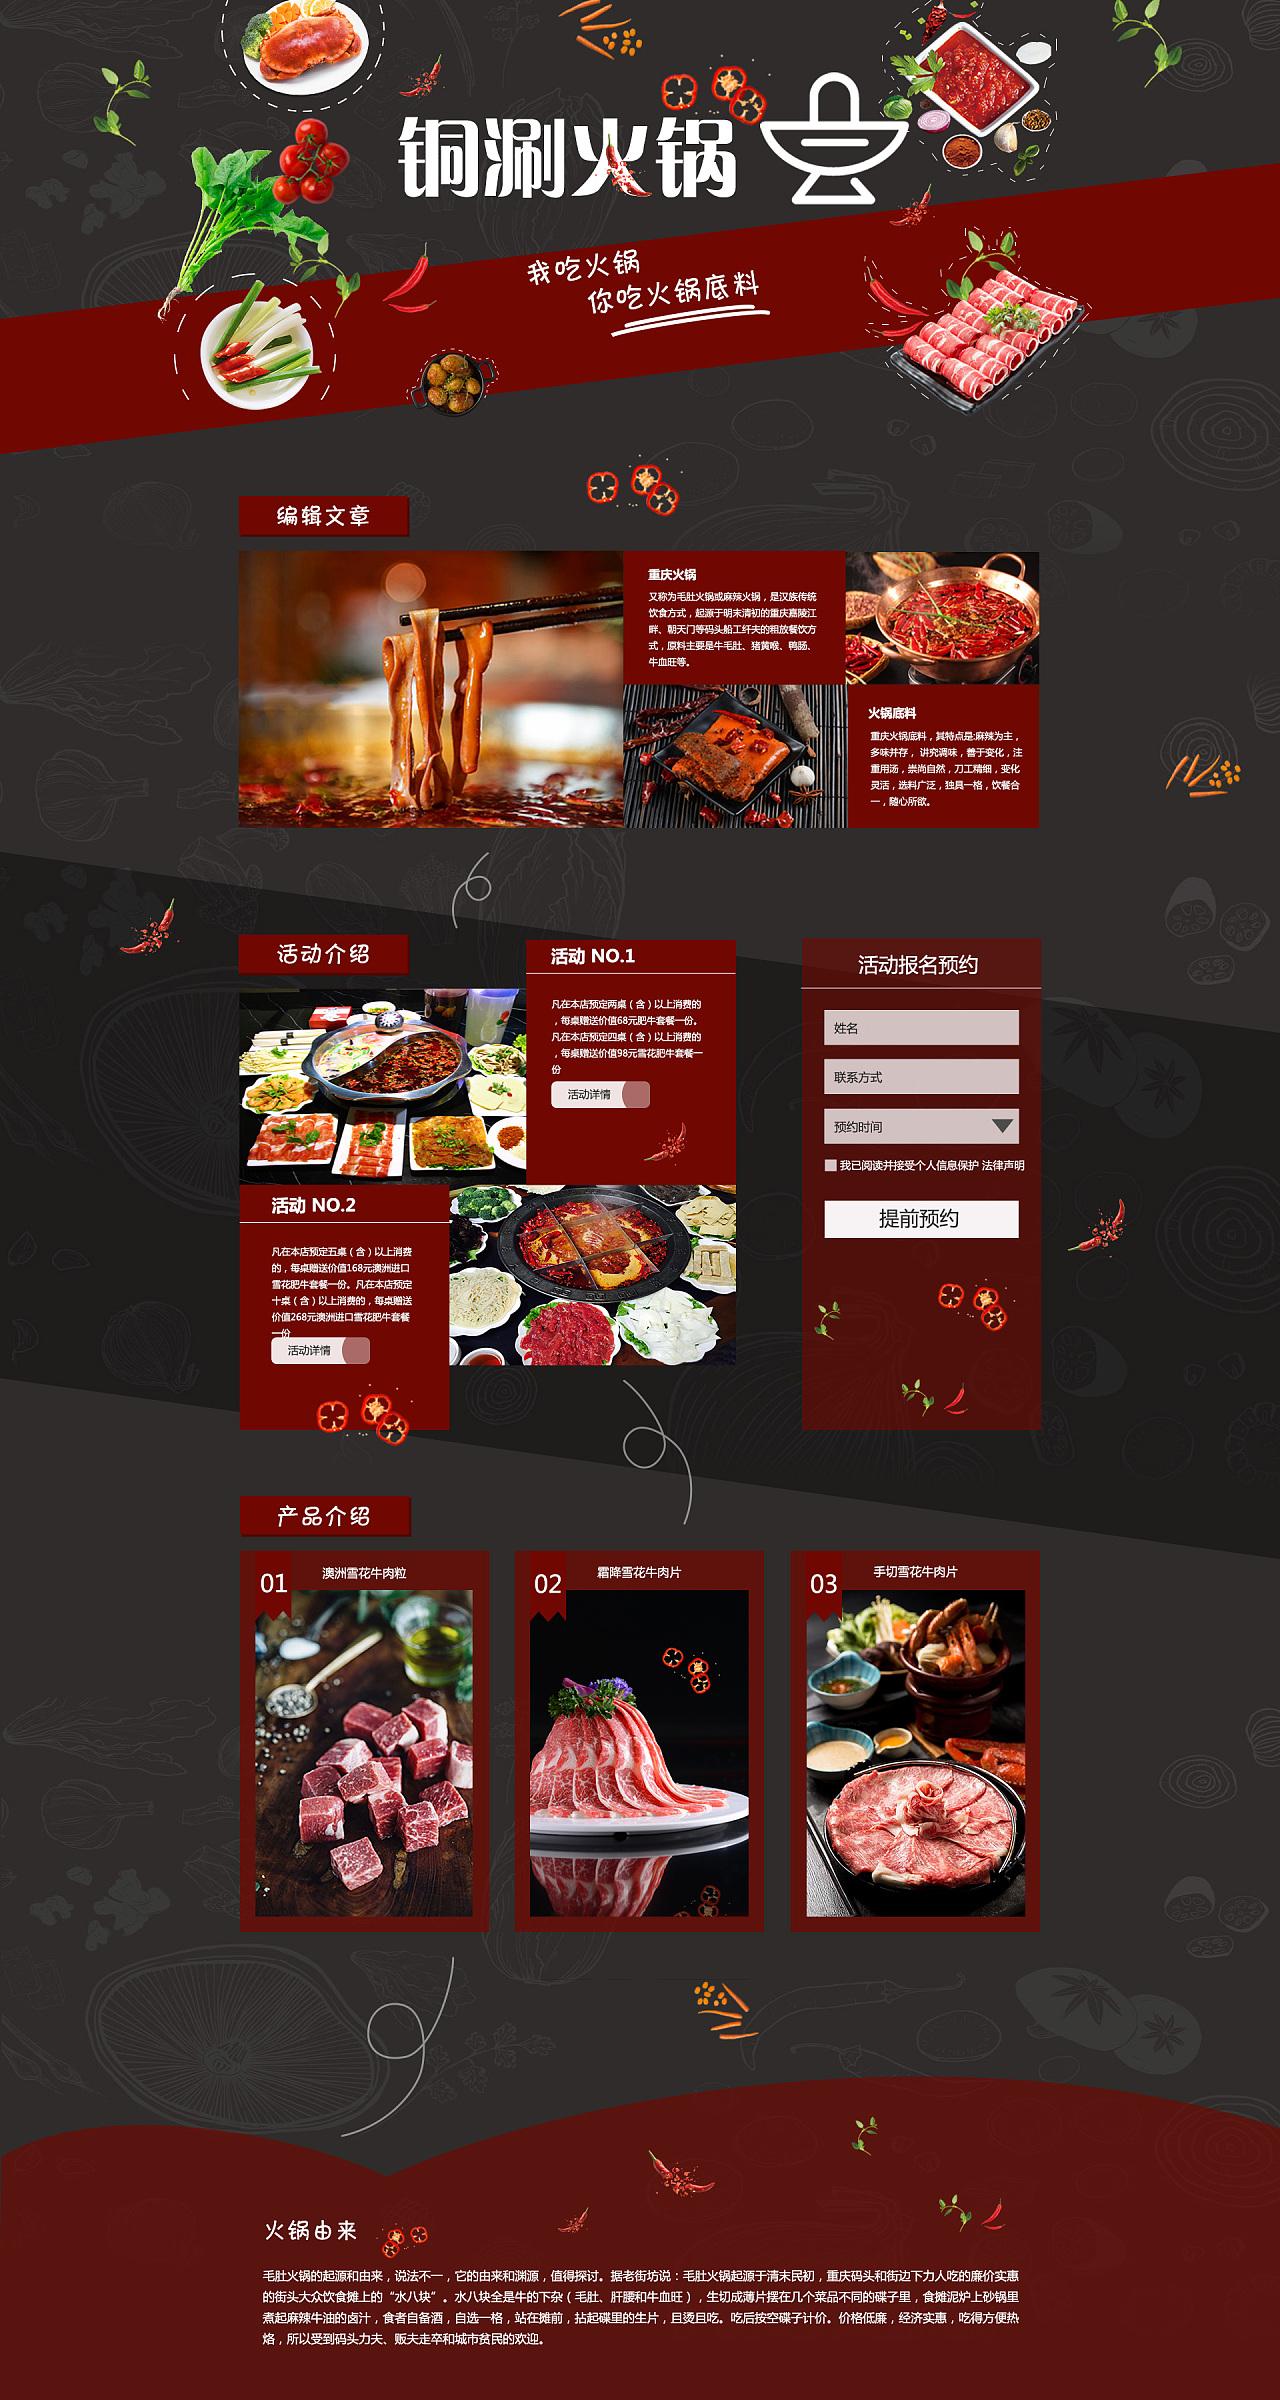 美食网页专题设计图片